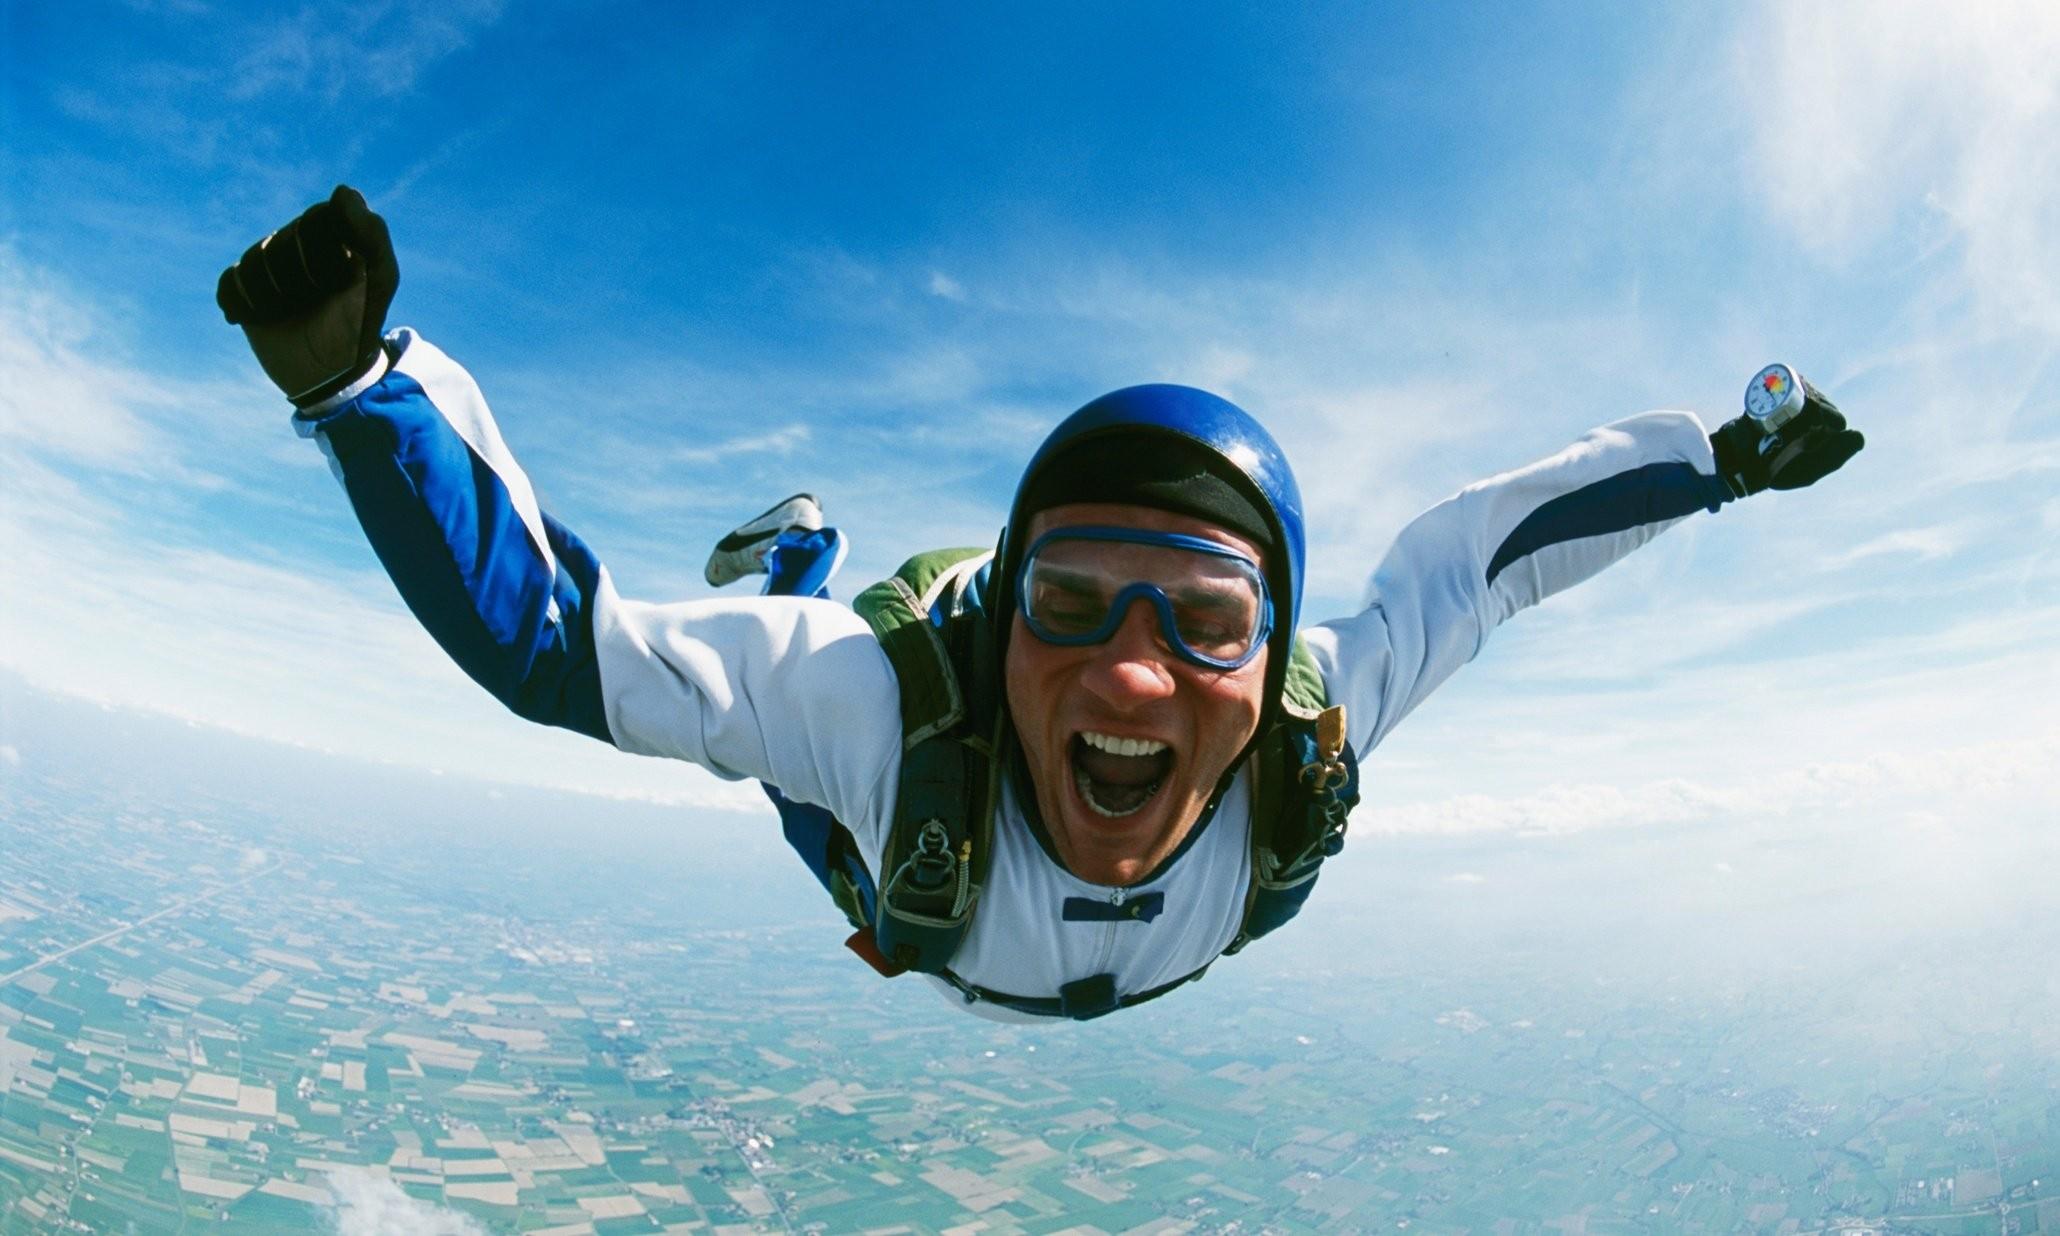 Рискованный полет скайдайвера без парашюта продлится две мин. впрямом эфире